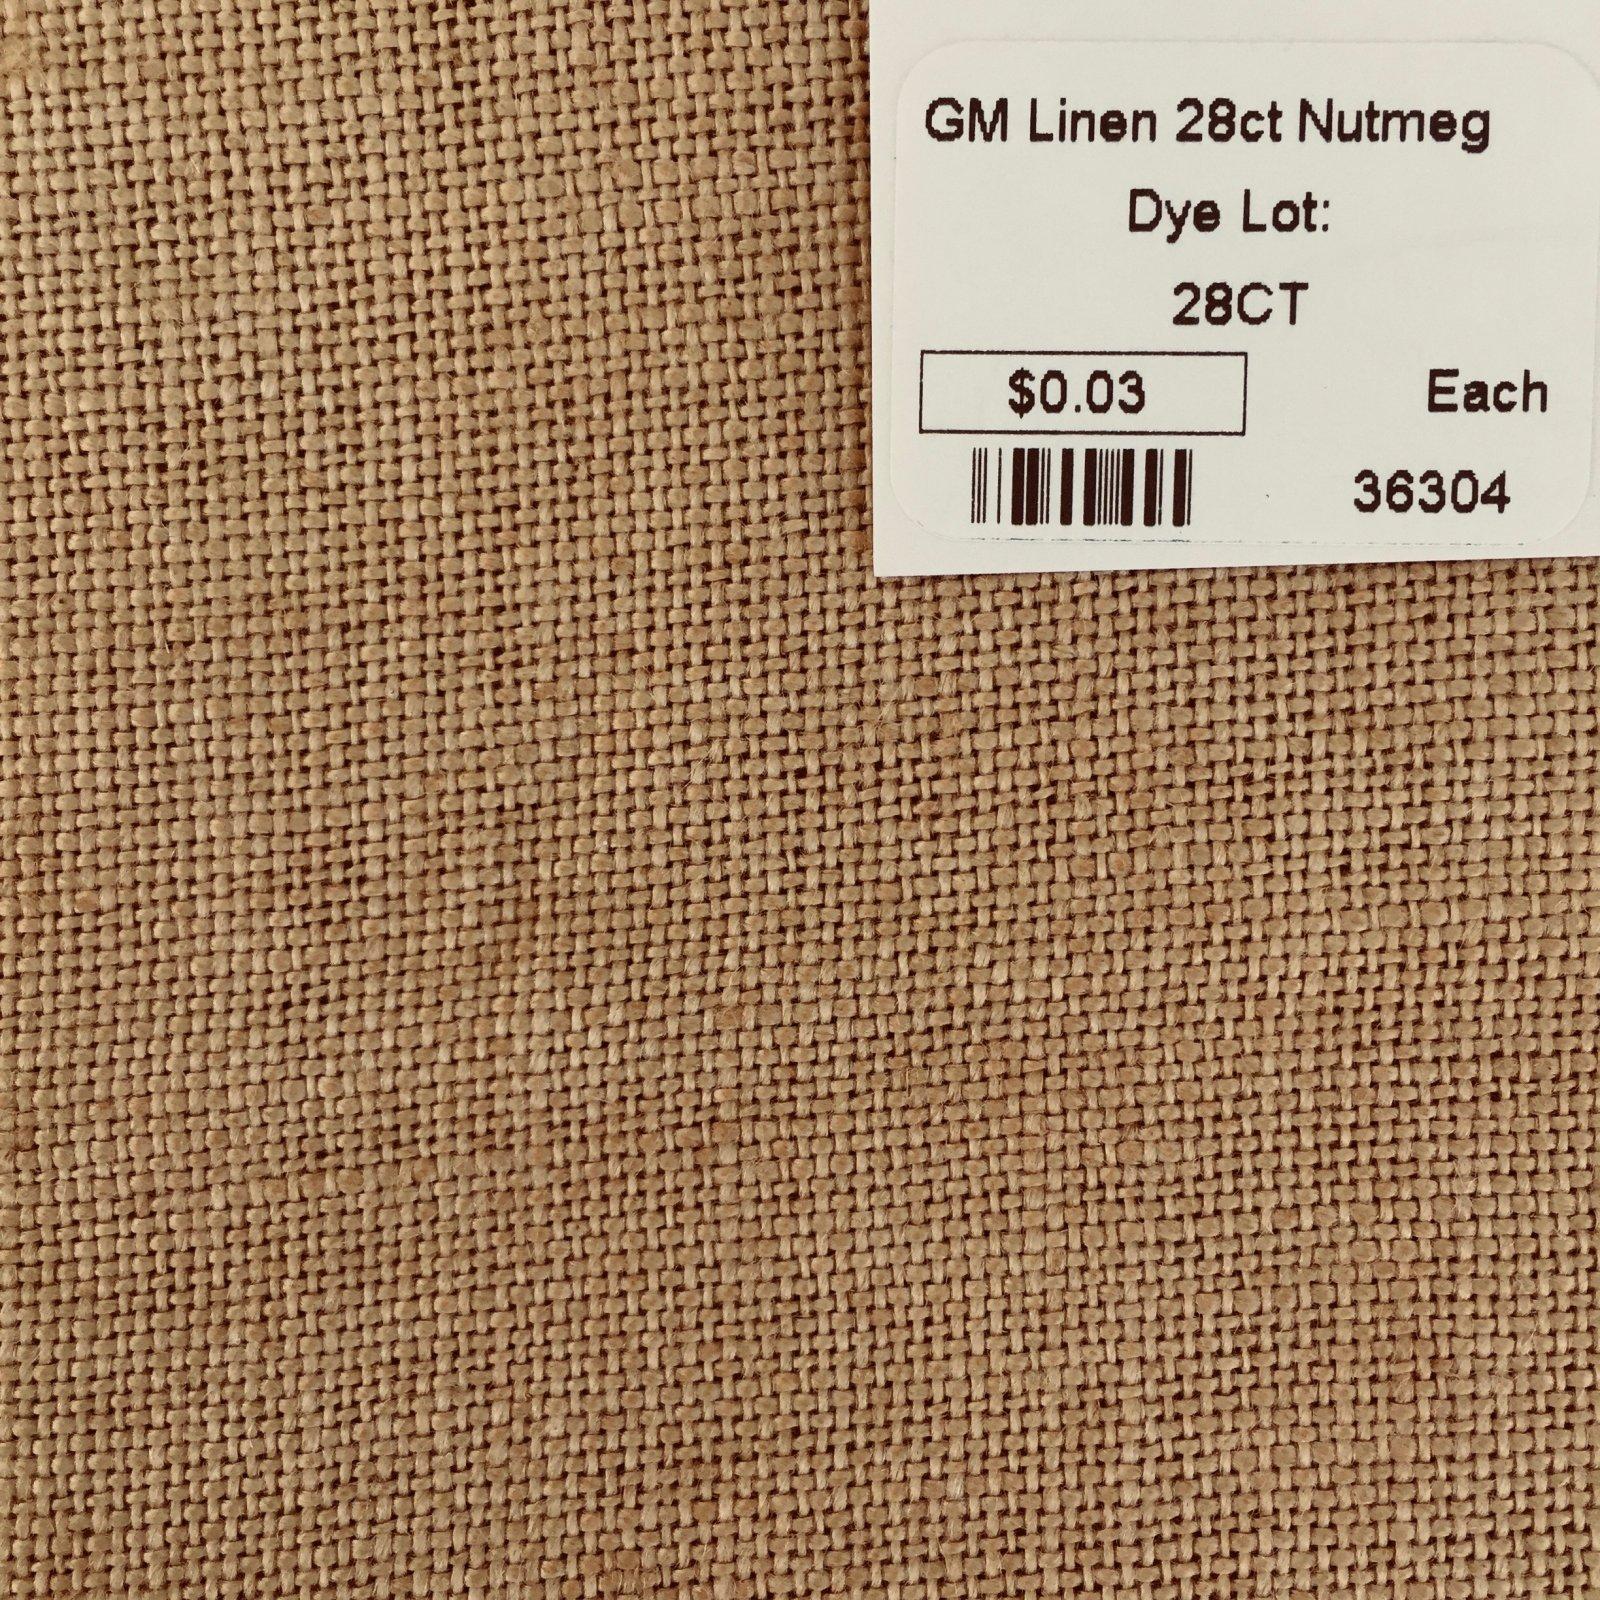 GM Linen 28ct Nutmeg